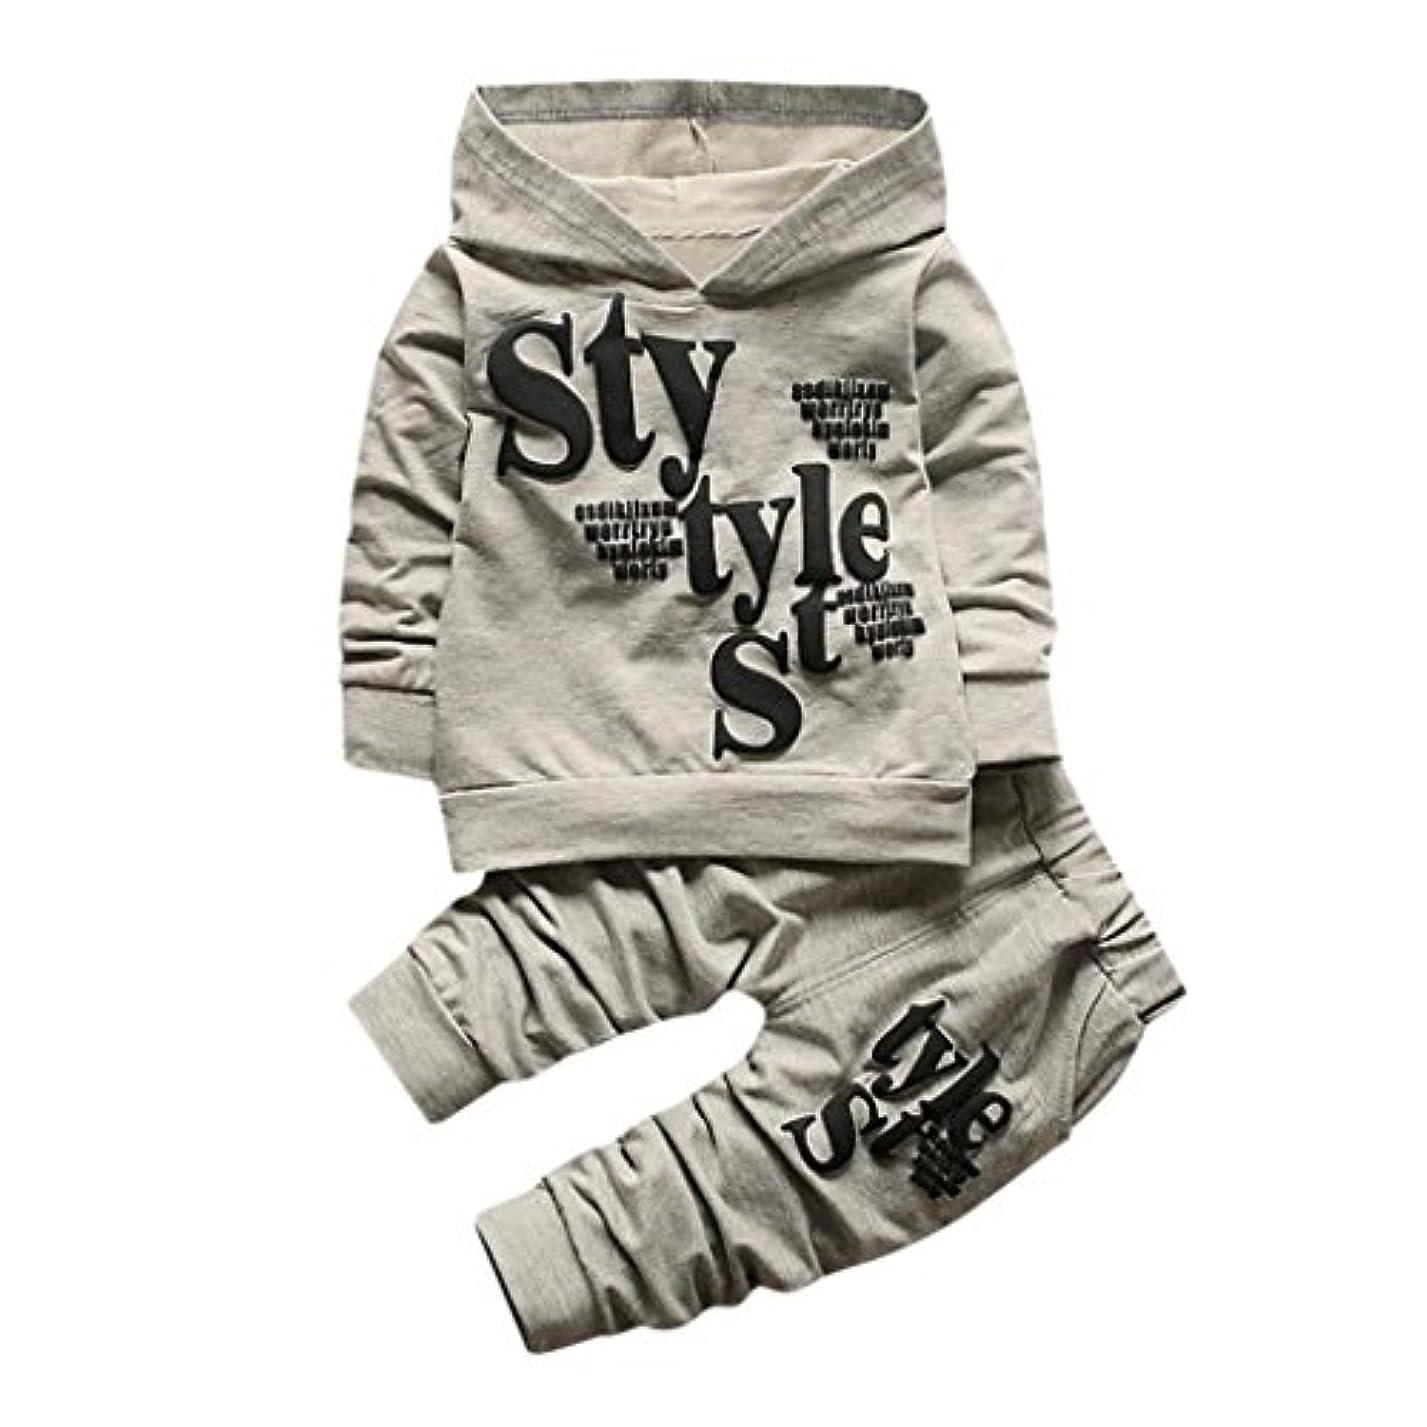 君主時間厳守昼間パーカー+ズボン Tシャツ スウェット 子供服 赤ちゃん服 上着+パンツ2点セット かっこいい ベビー服 ロンパース カバーオール 男の子 女の子 ファッション